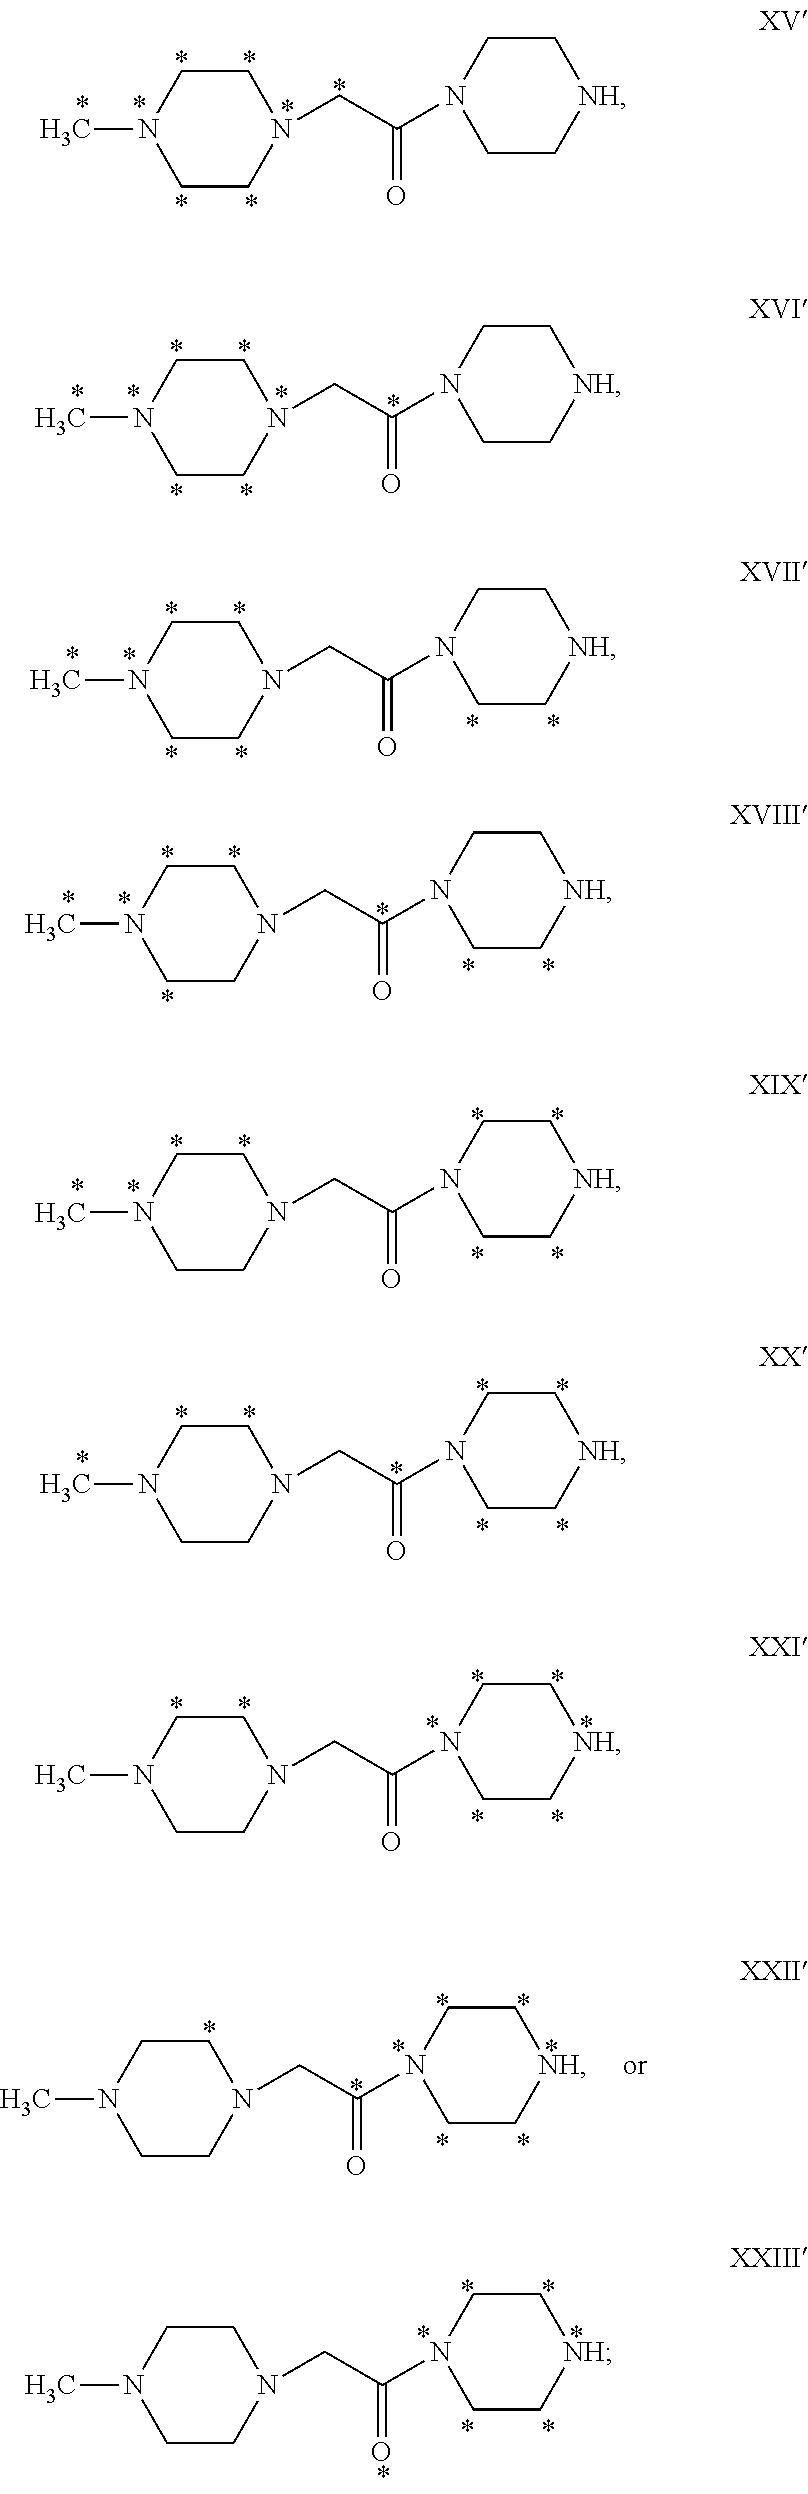 Figure US08492163-20130723-C00027